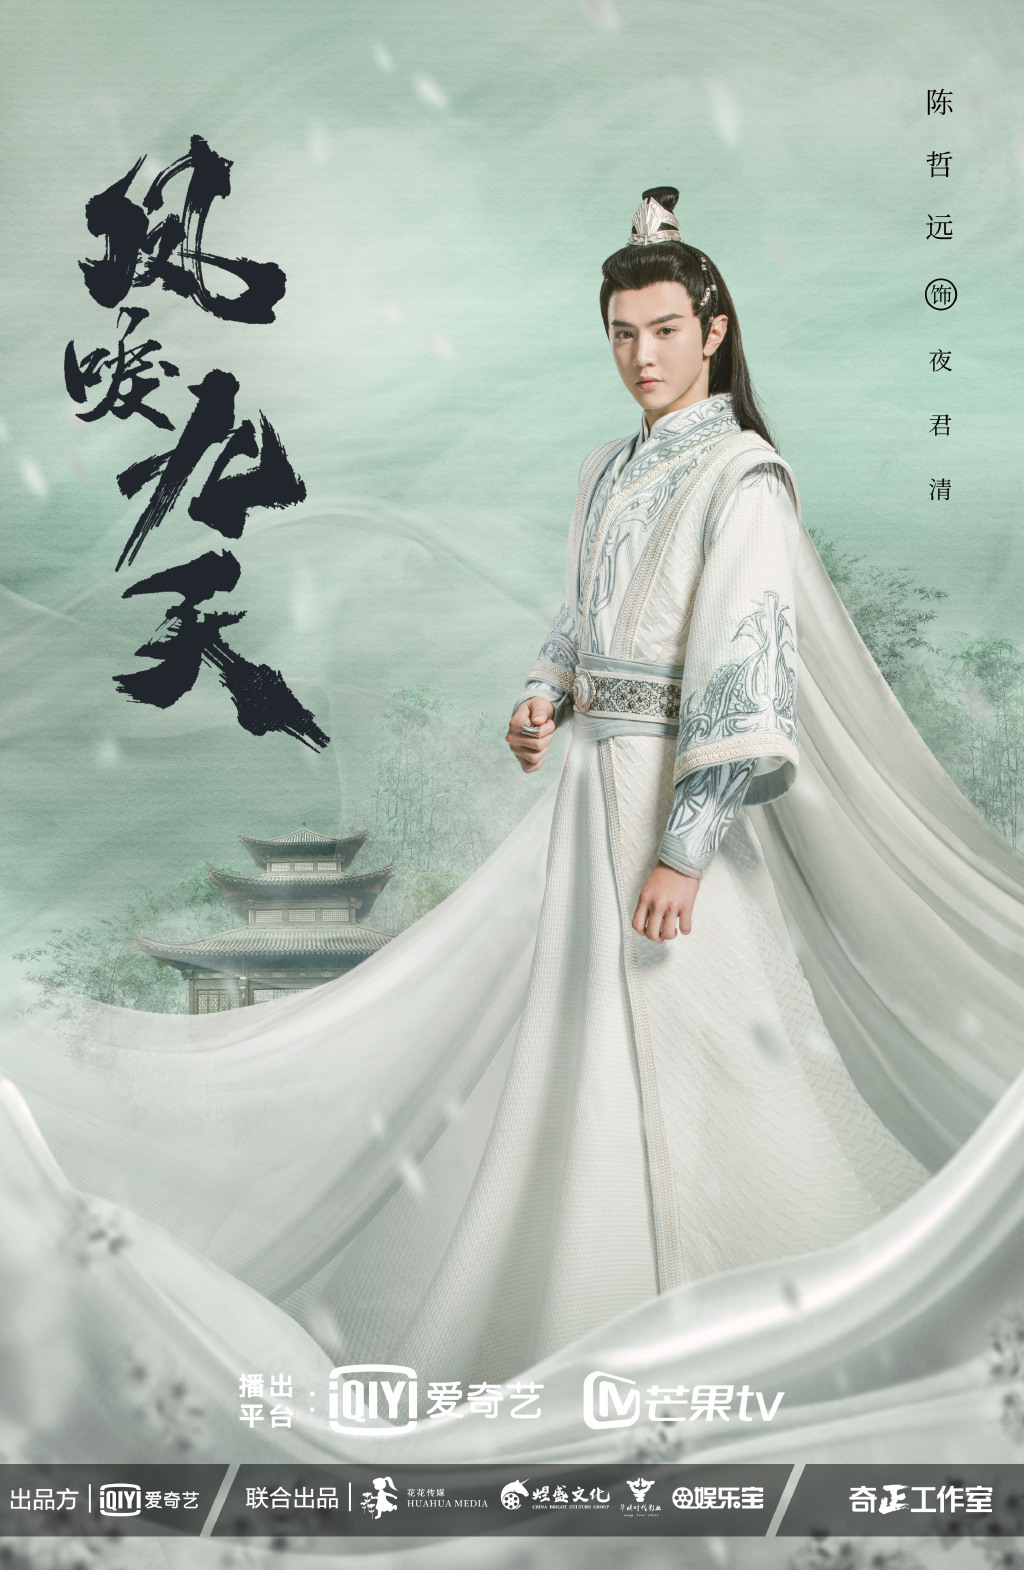 Chen Zhe Yuan